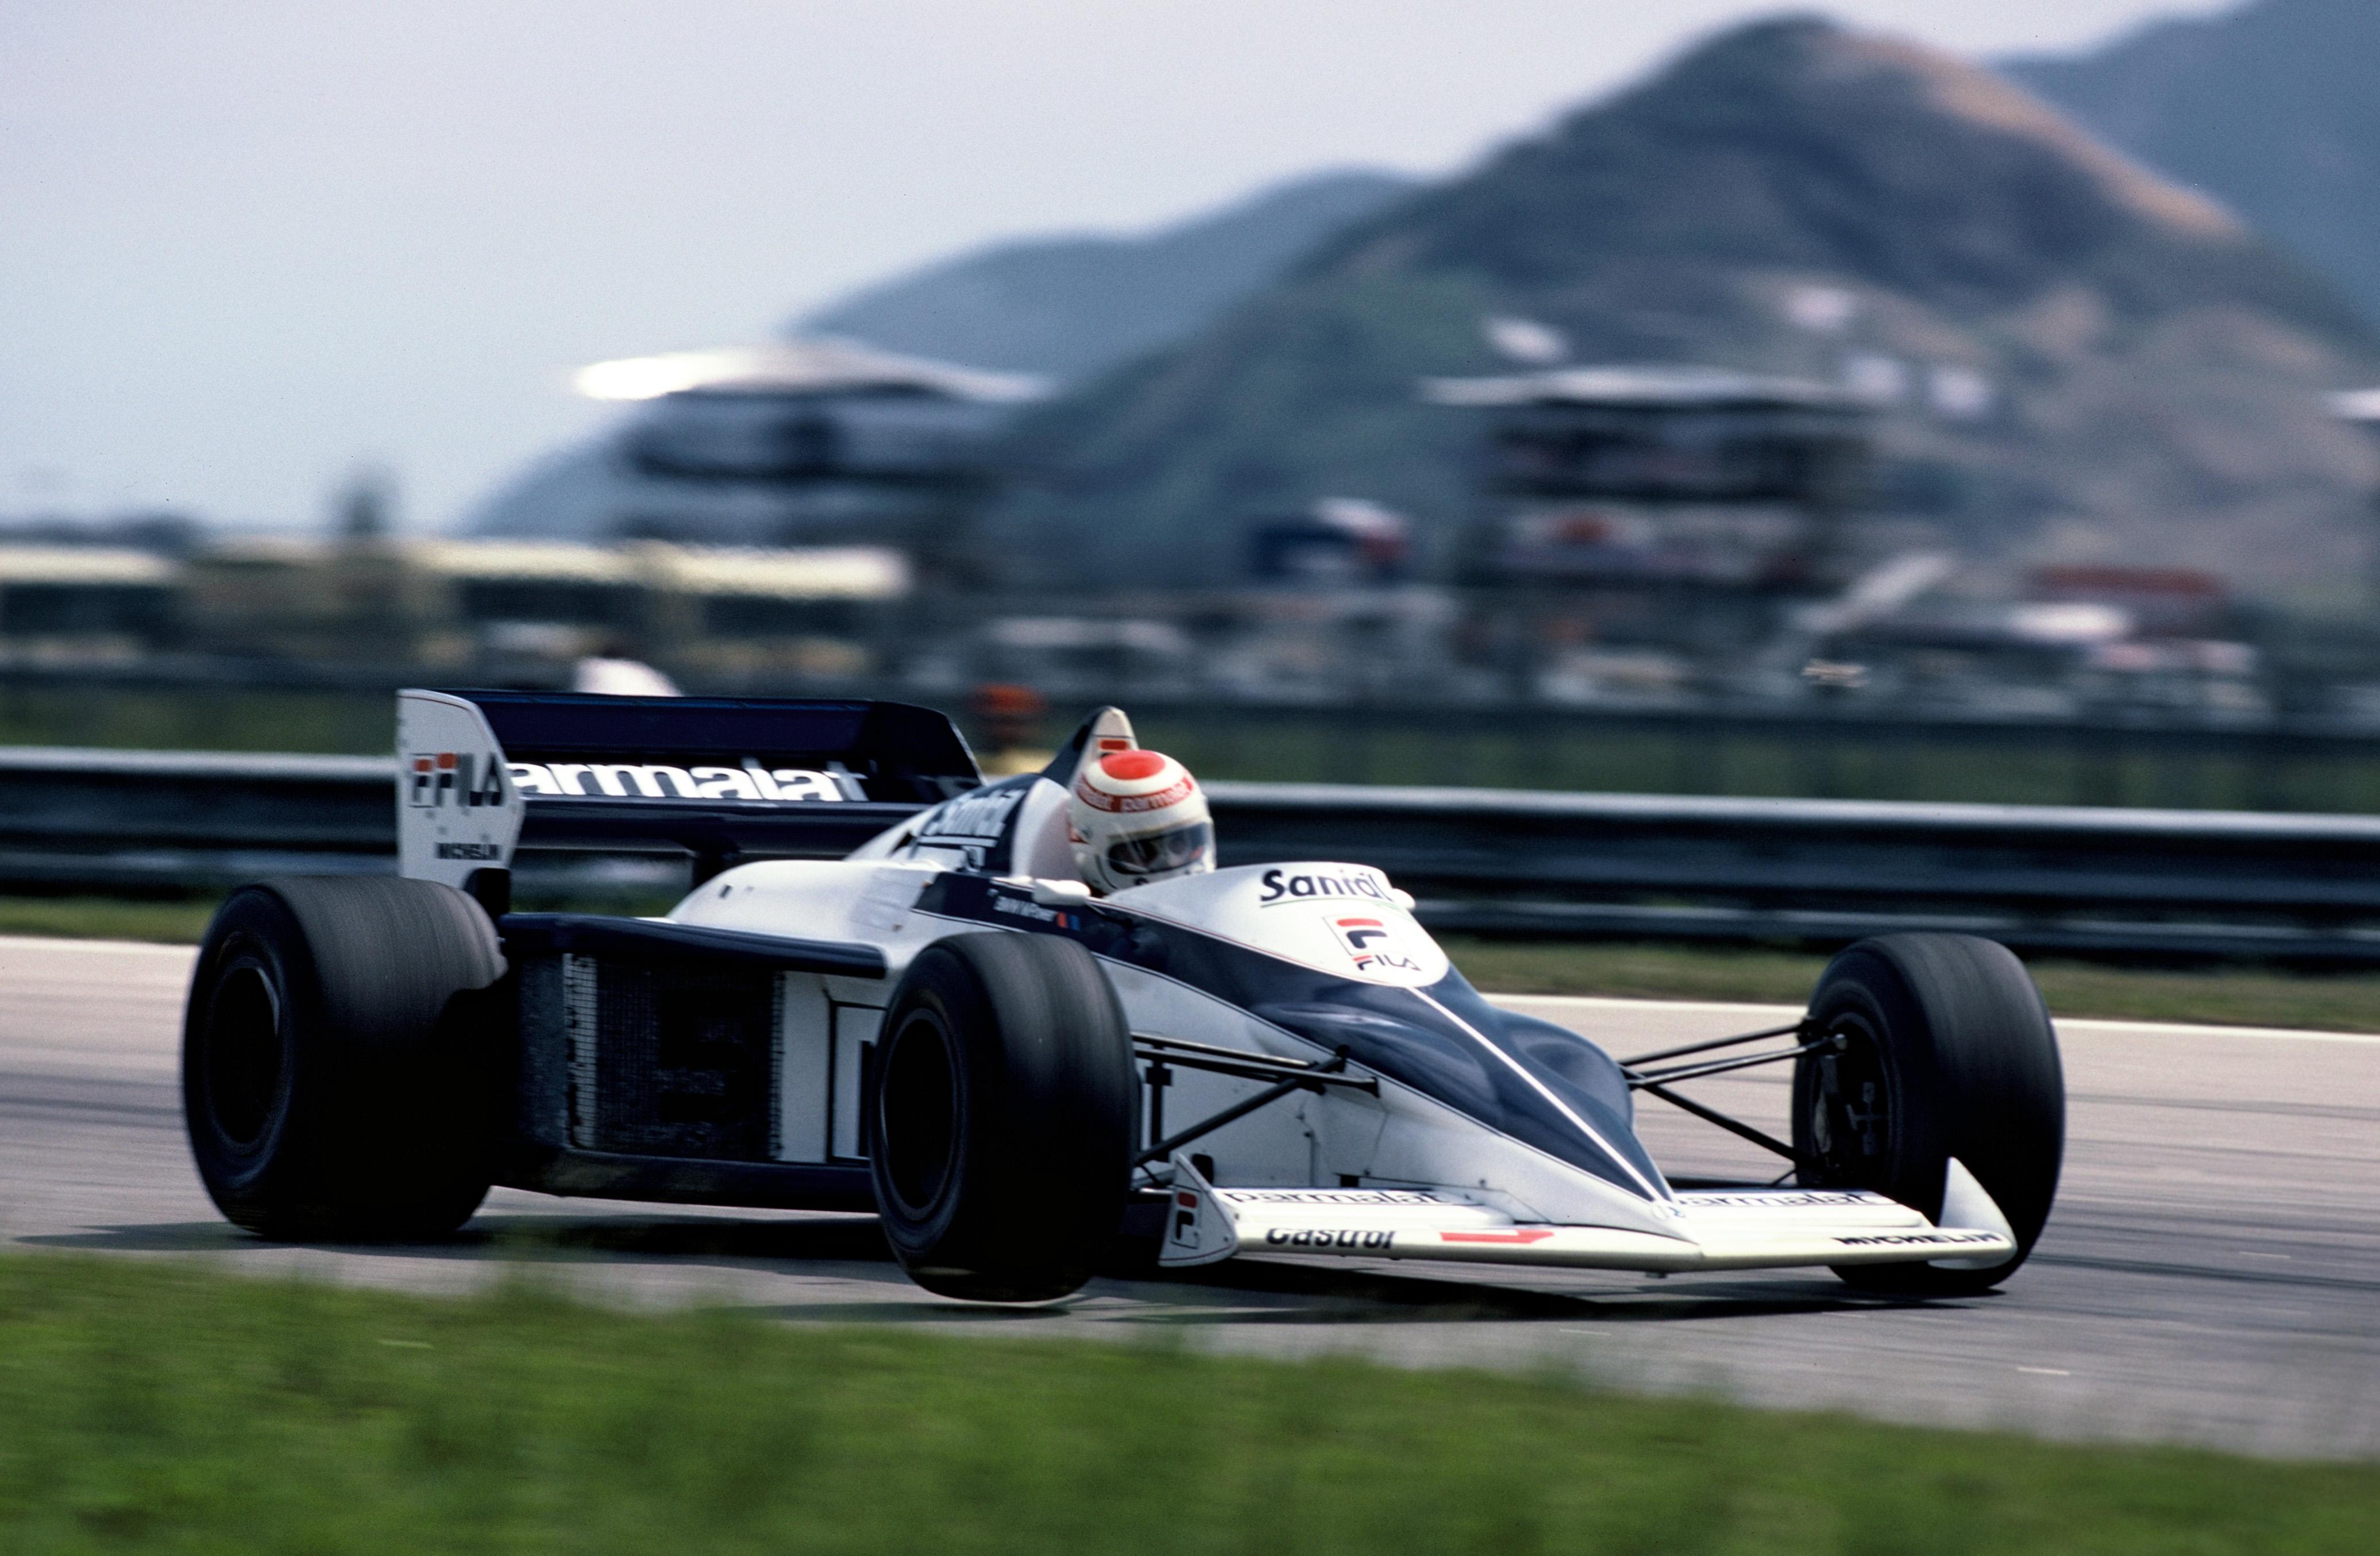 Da Nazi-bensin avgjorde Formel 1